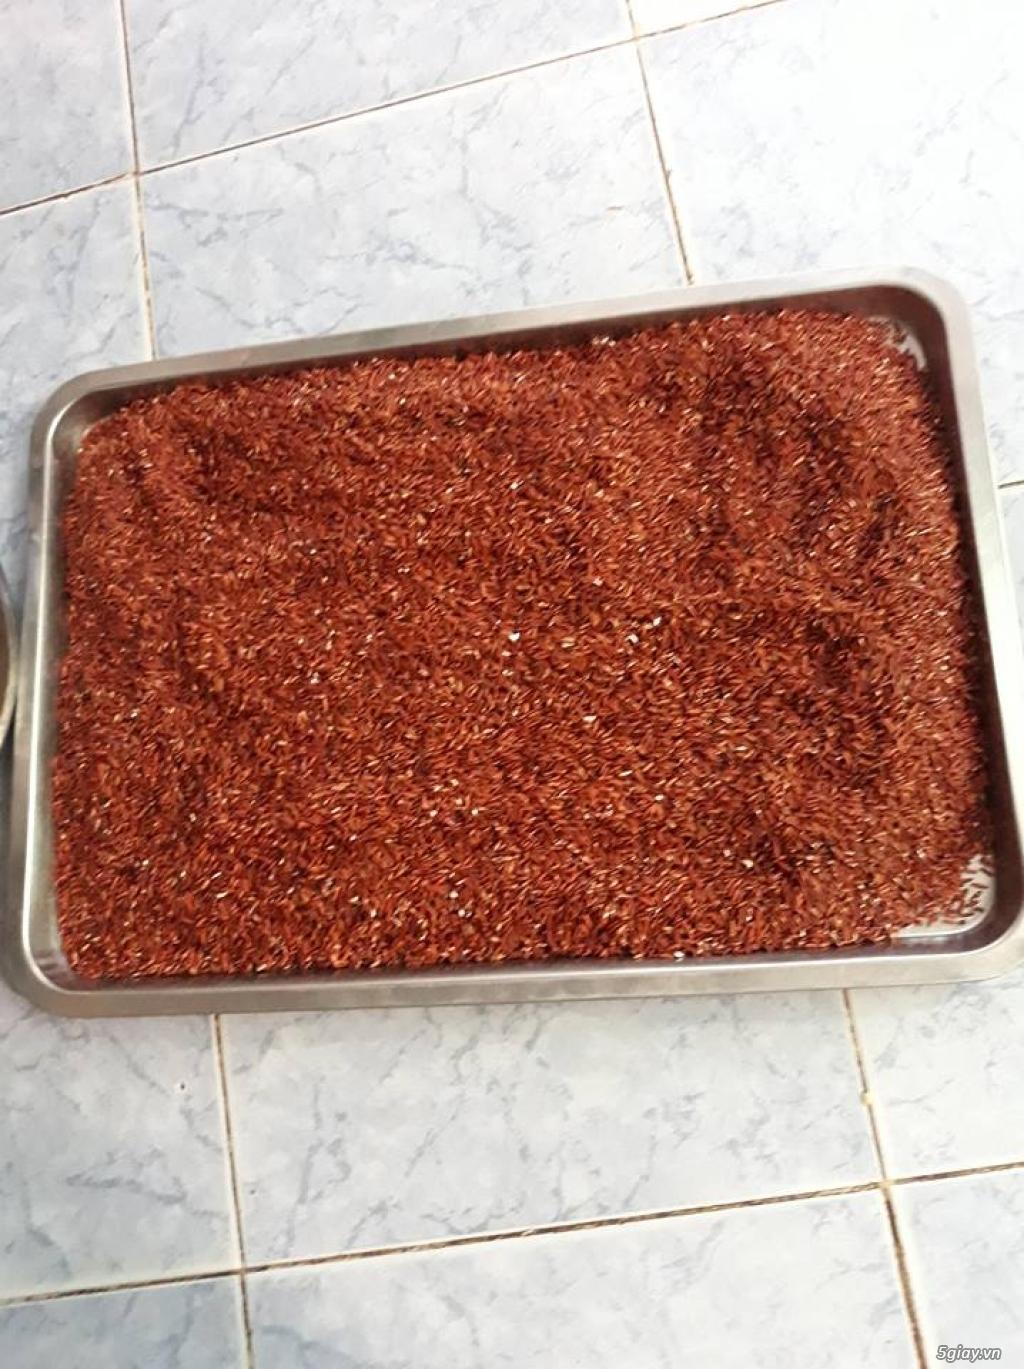 Bán bột gạo lứt huyết rồng trộn cùng 5 loại đậu khác nhau - 2